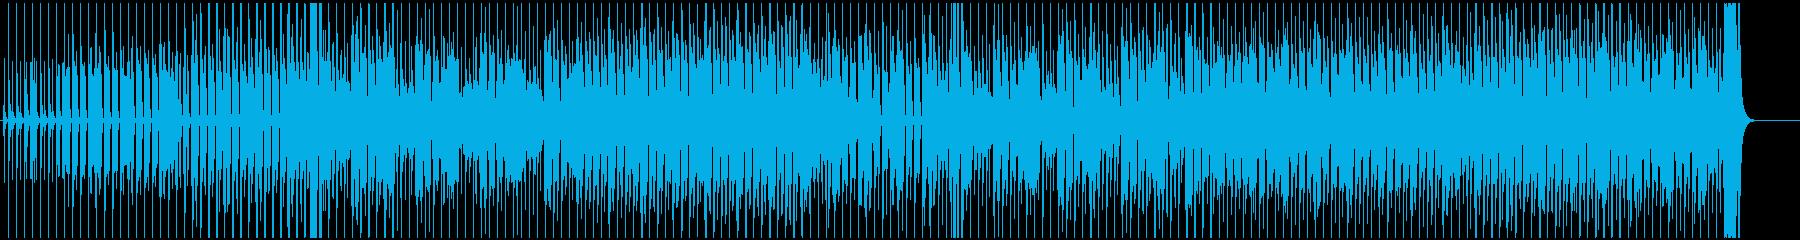 グロッケンとエレピの不思議なポップロックの再生済みの波形